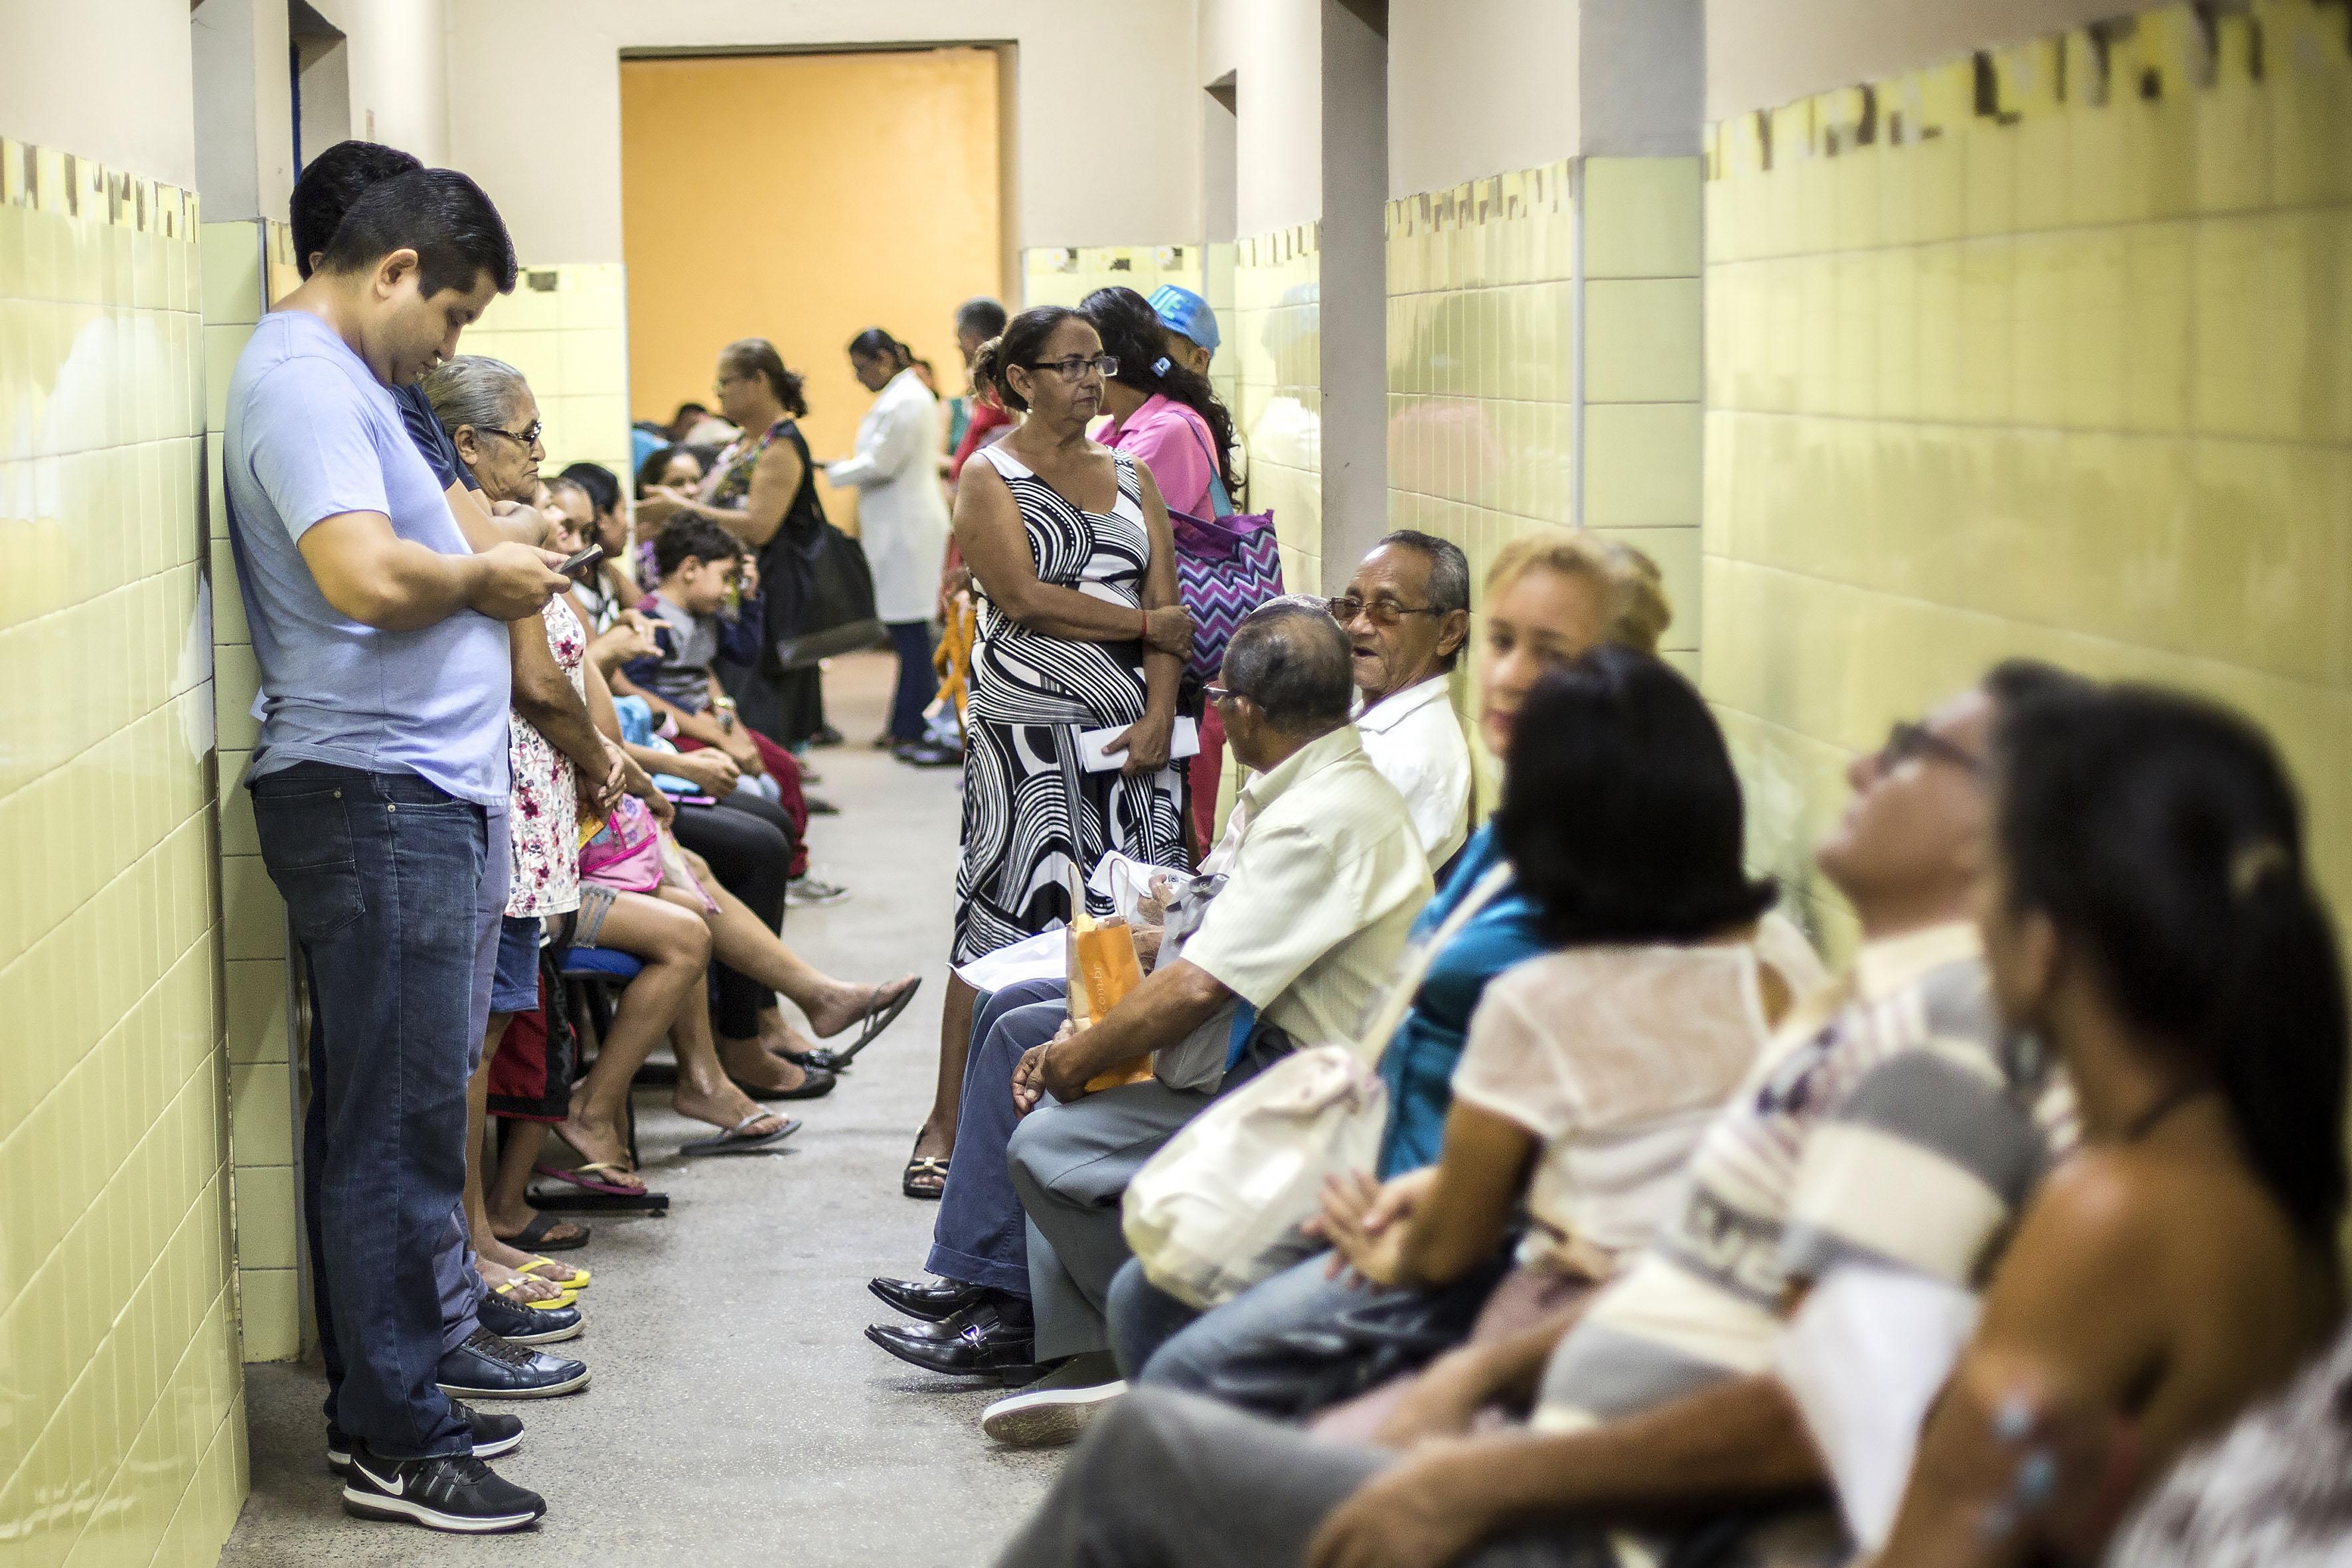 Saúde - hospitais - atendimento médico espera fila caos serviços públicos